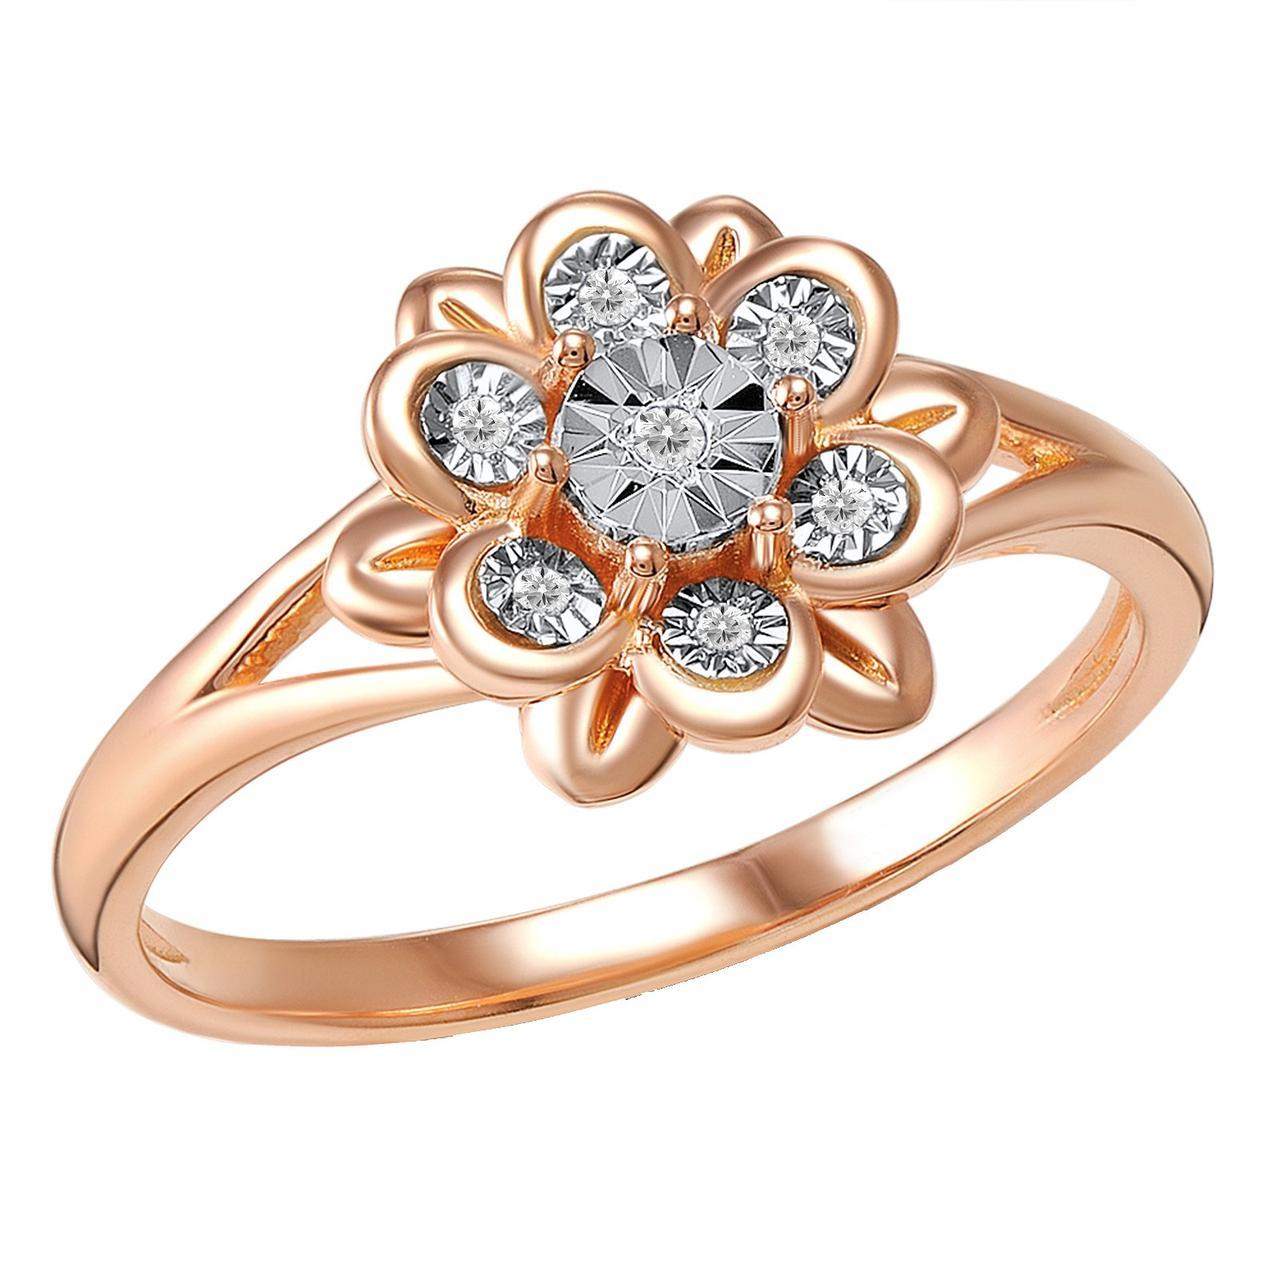 Золотое кольцо с бриллиантами, размер 15.5 (813717)